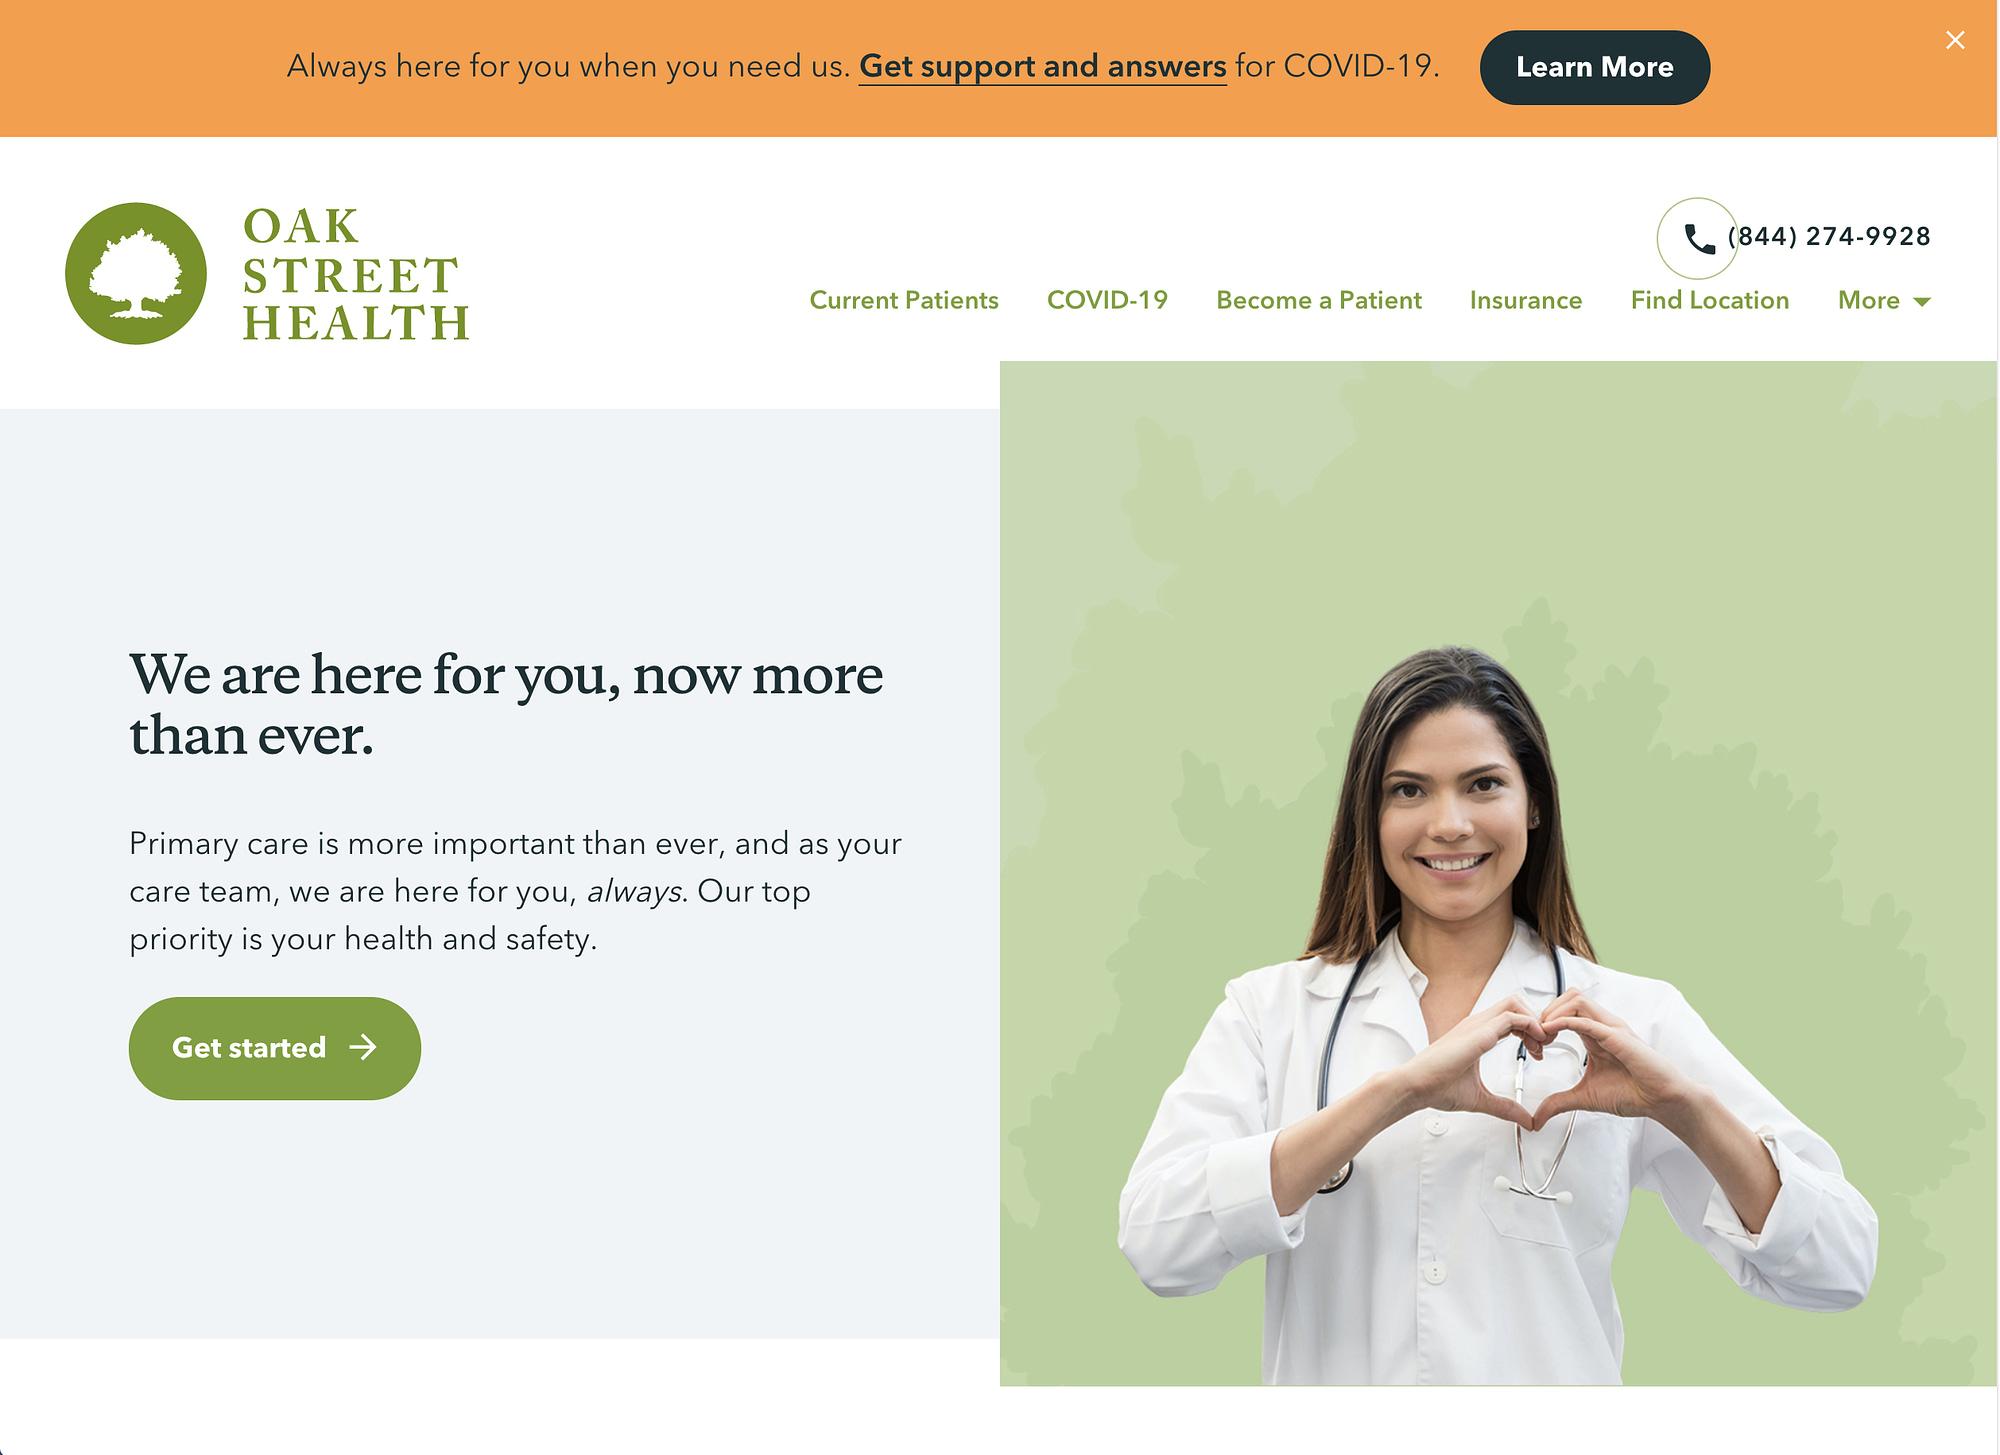 Oak Street Health website